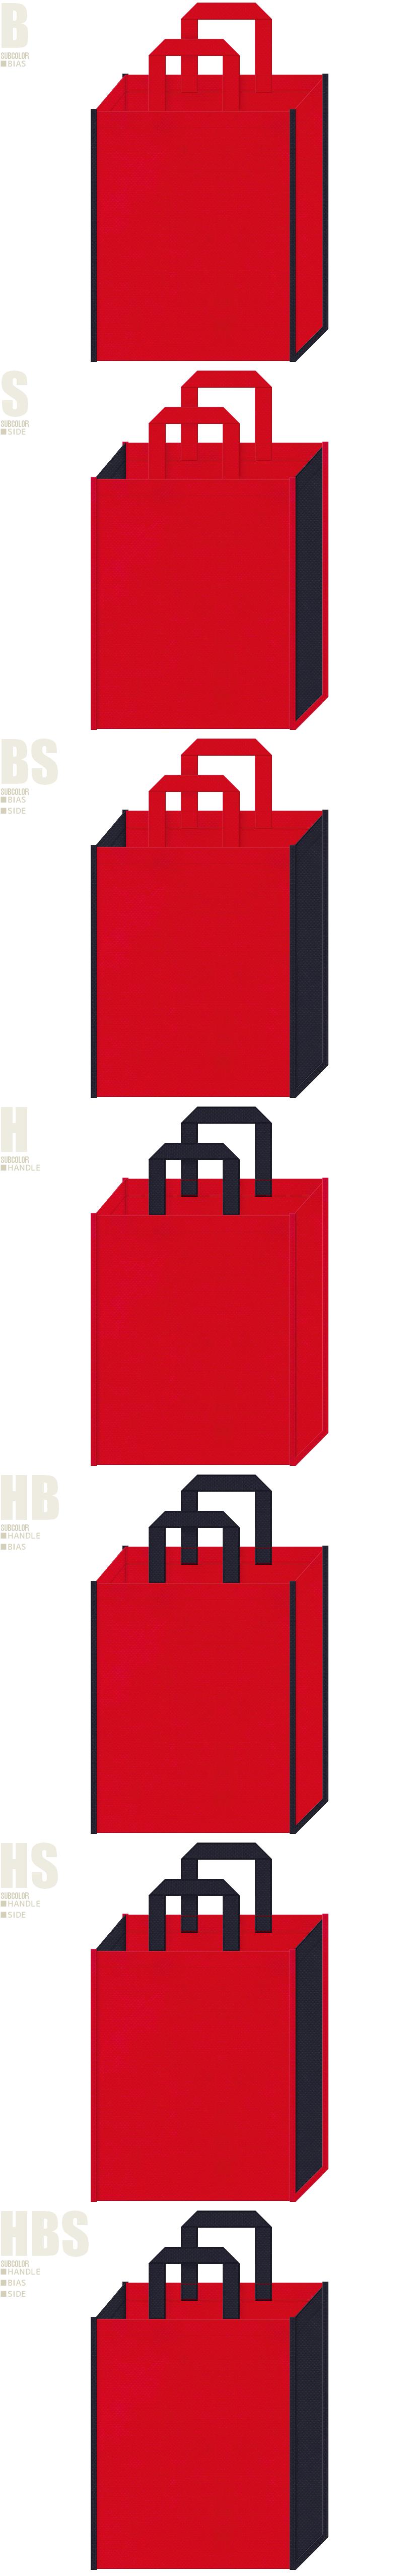 レッスンバッグ・アウトドアイベント・スポーツ用品の展示会用バッグにお奨めの不織布バッグデザイン:紅色と濃紺色の配色7パターン